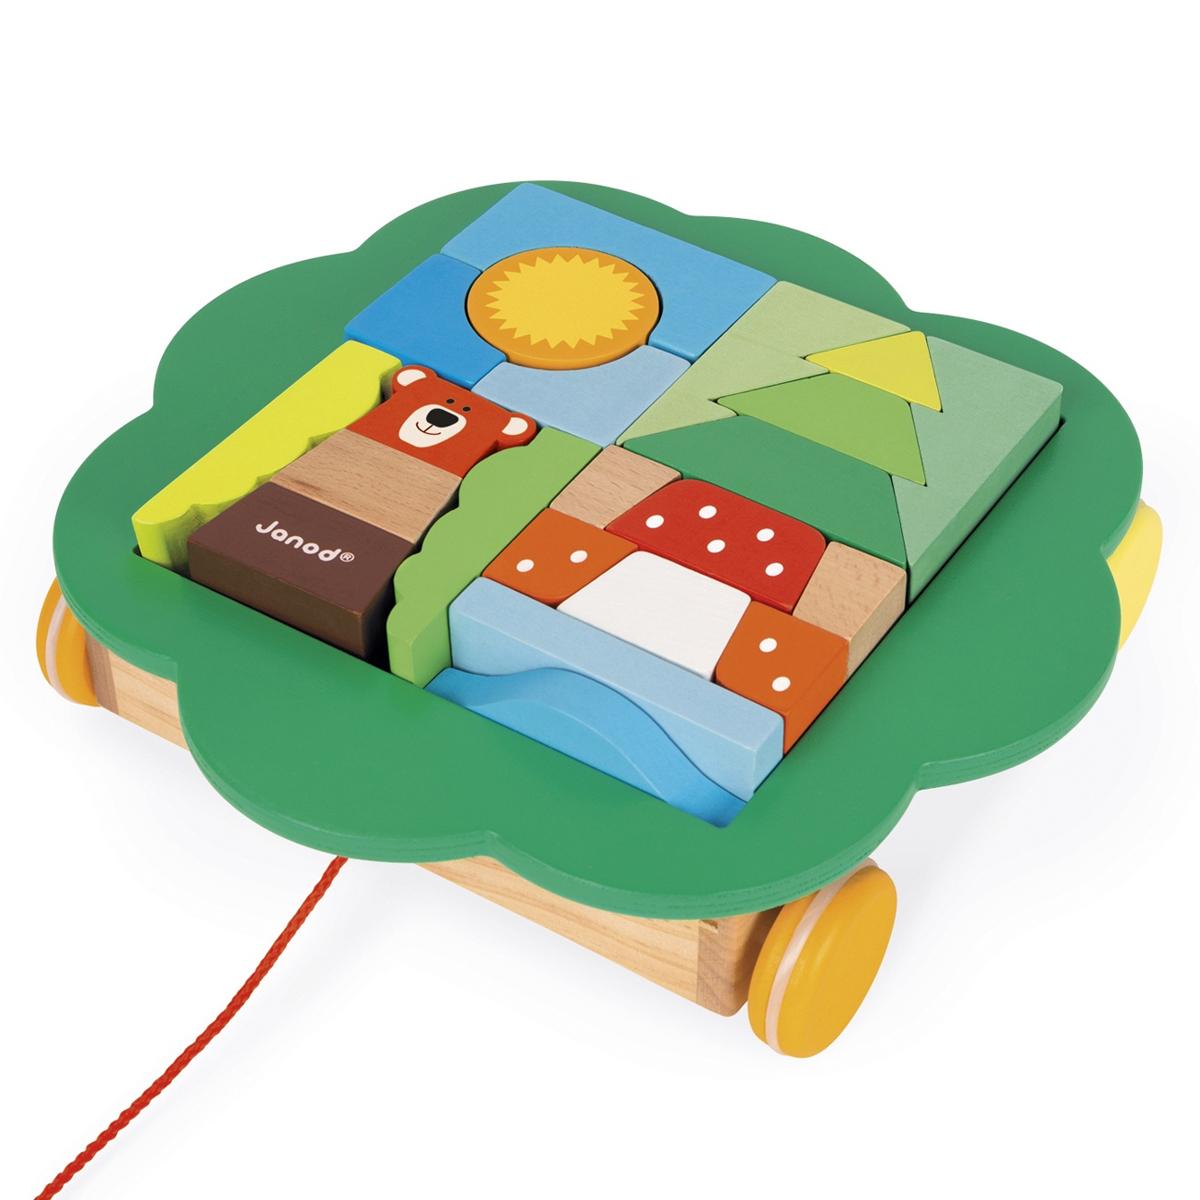 Mes premiers jouets Chariot de Cubes à Promener Zigolos Chariot de Cubes à Promener Zigolos